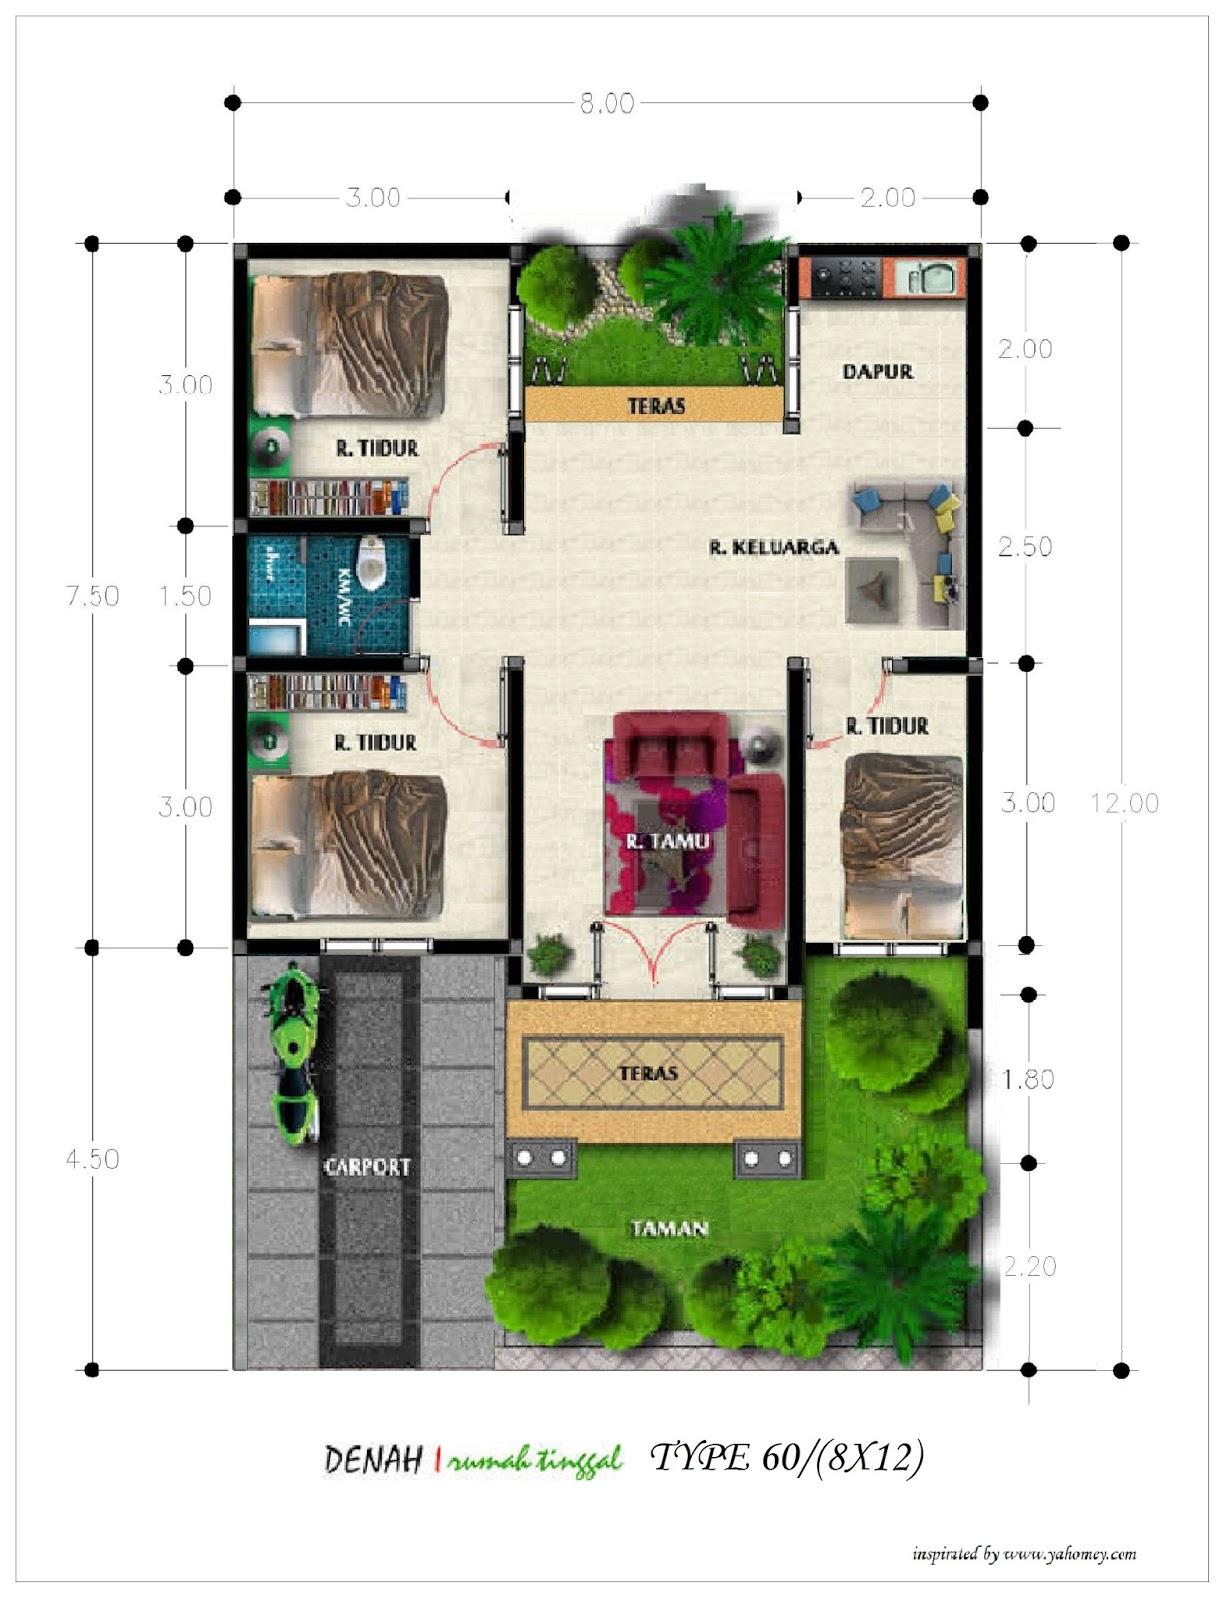 Denah Rumah 7x15 : denah, rumah, Desain, Rumah, Meter